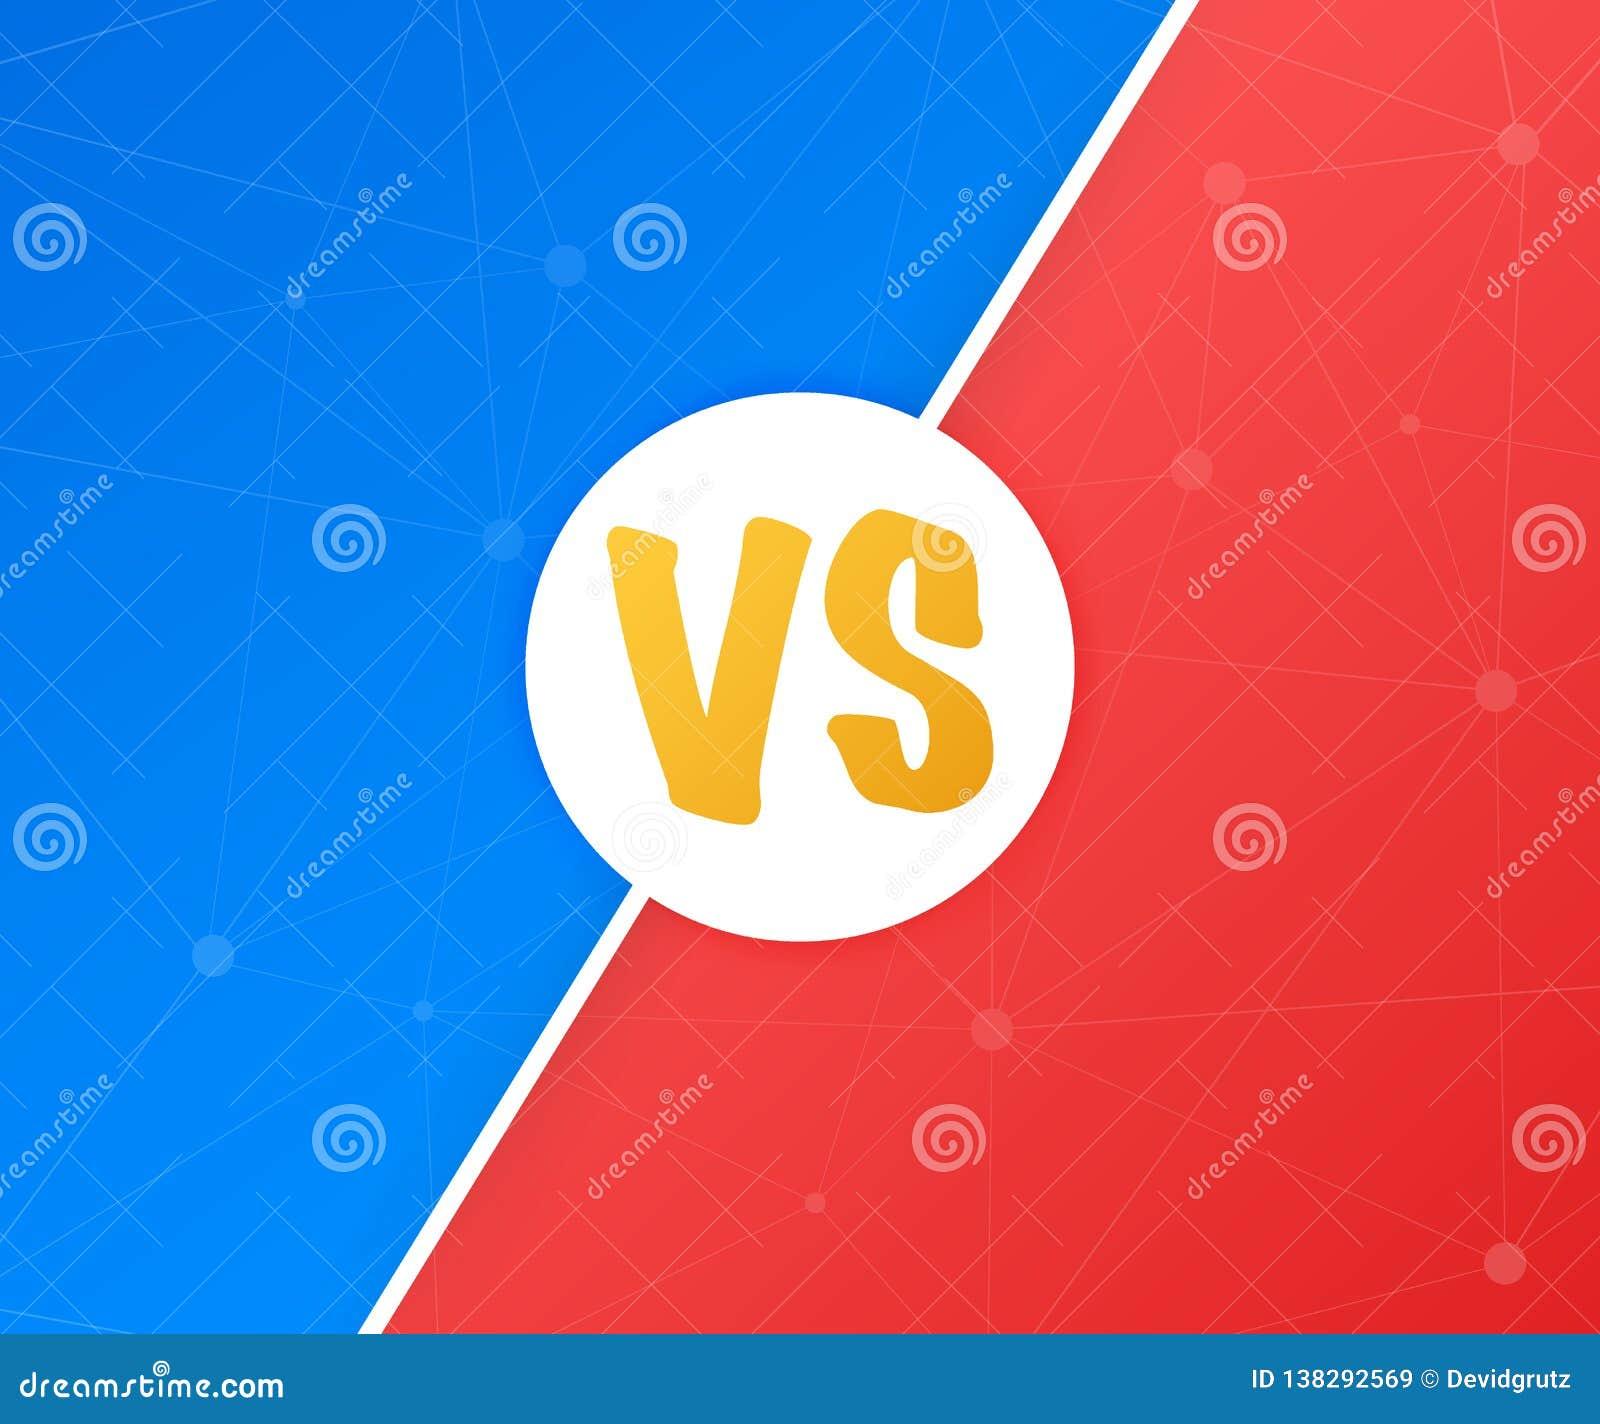 VS Błękitny i czerwony komiczny projekt Versus Batalistyczny sztandaru dopasowanie vs list rywalizaci konfrontacja, również zwróc